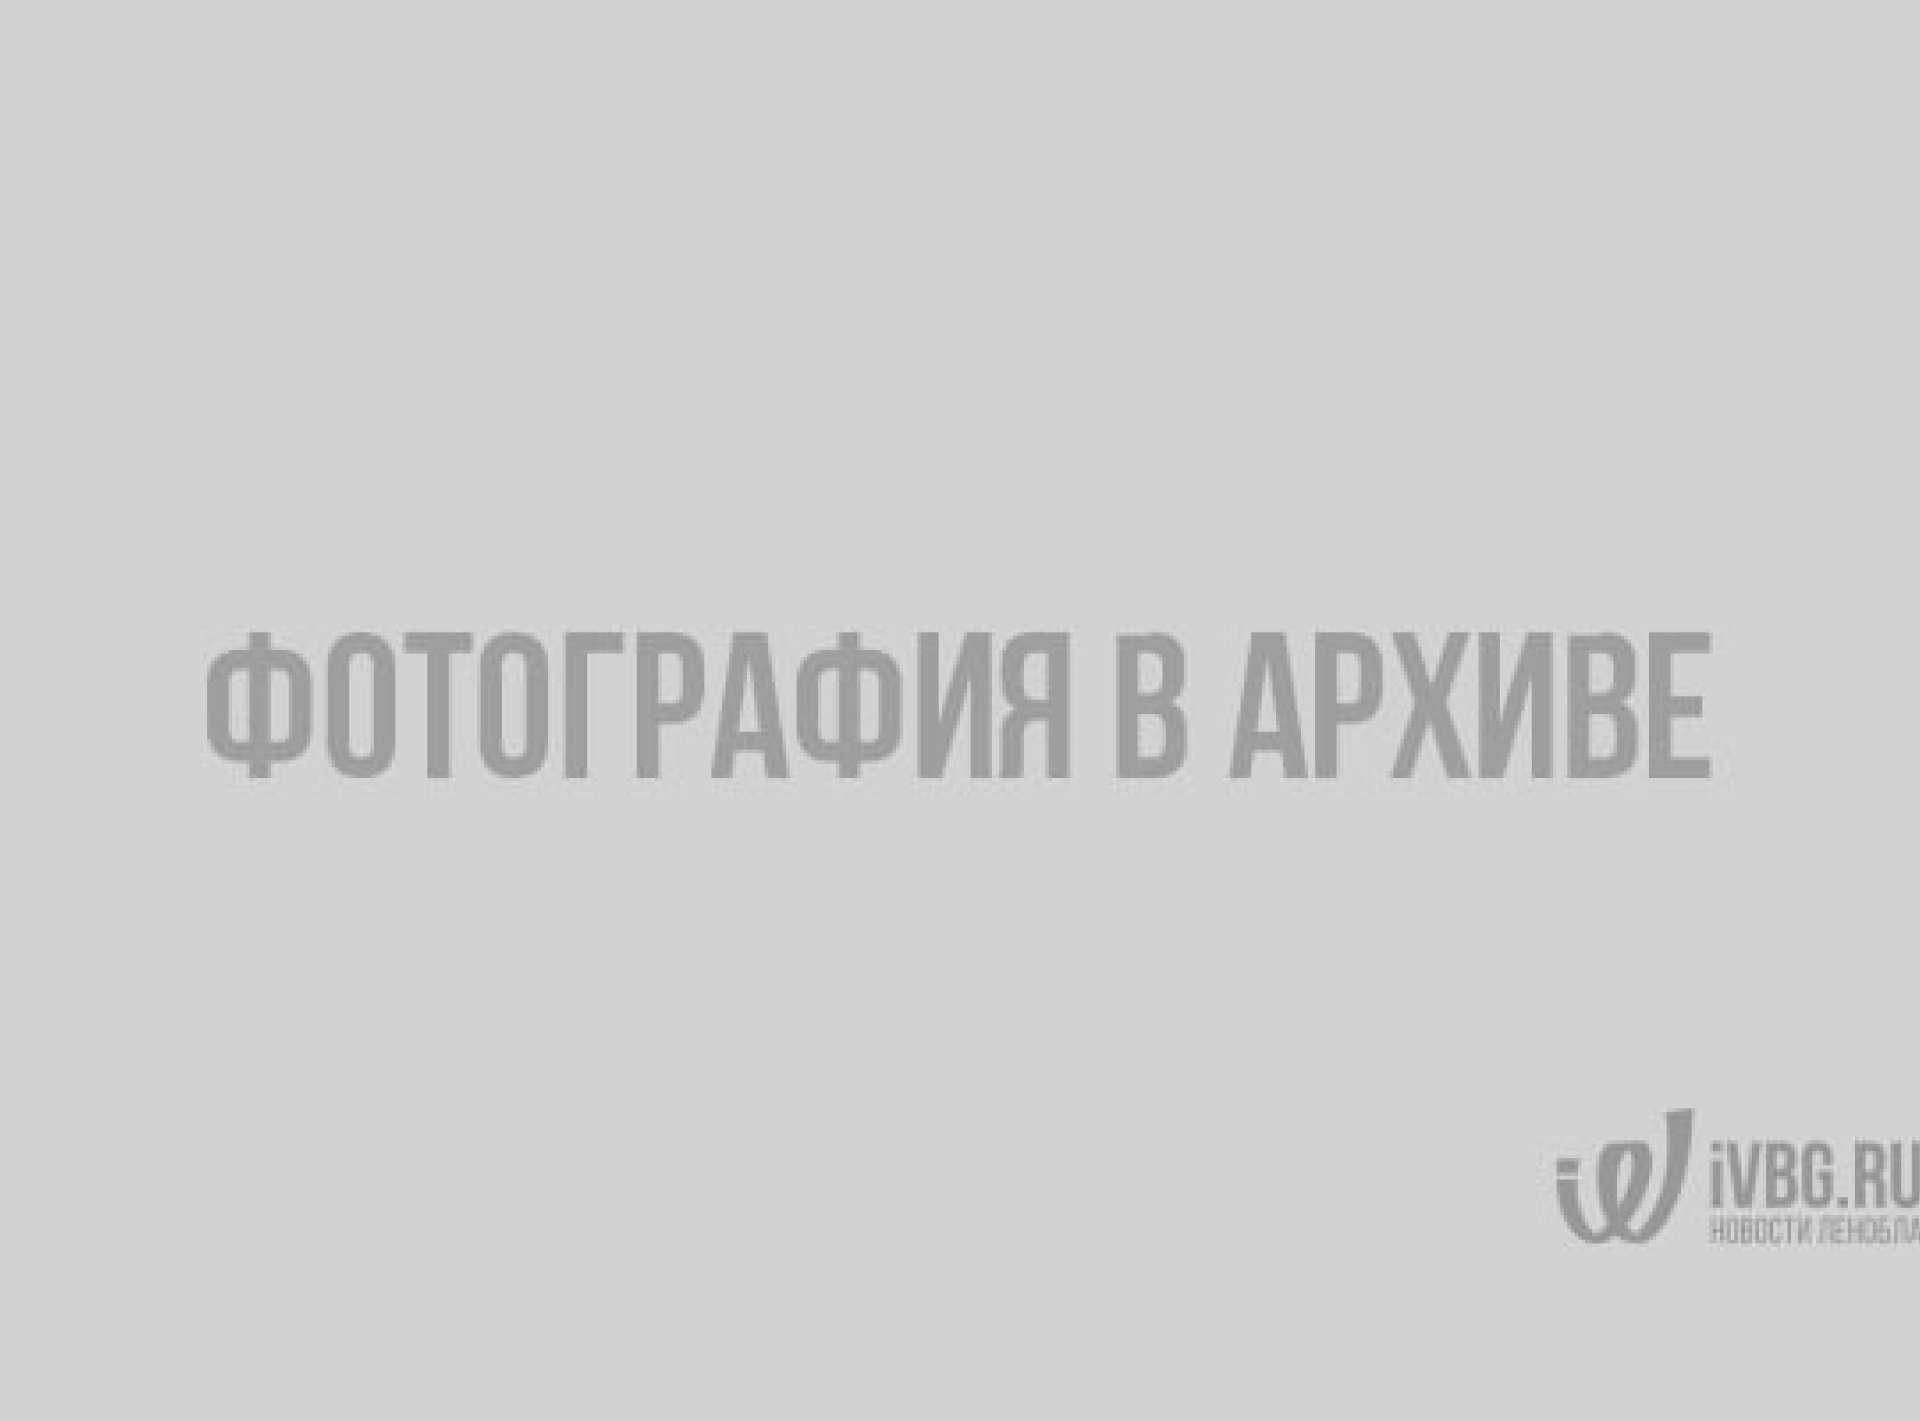 В Тихвине торжественно открыли современный ФОК — фото ФОК, Тихвин, спорт, здоровье, Александр Дрозденко